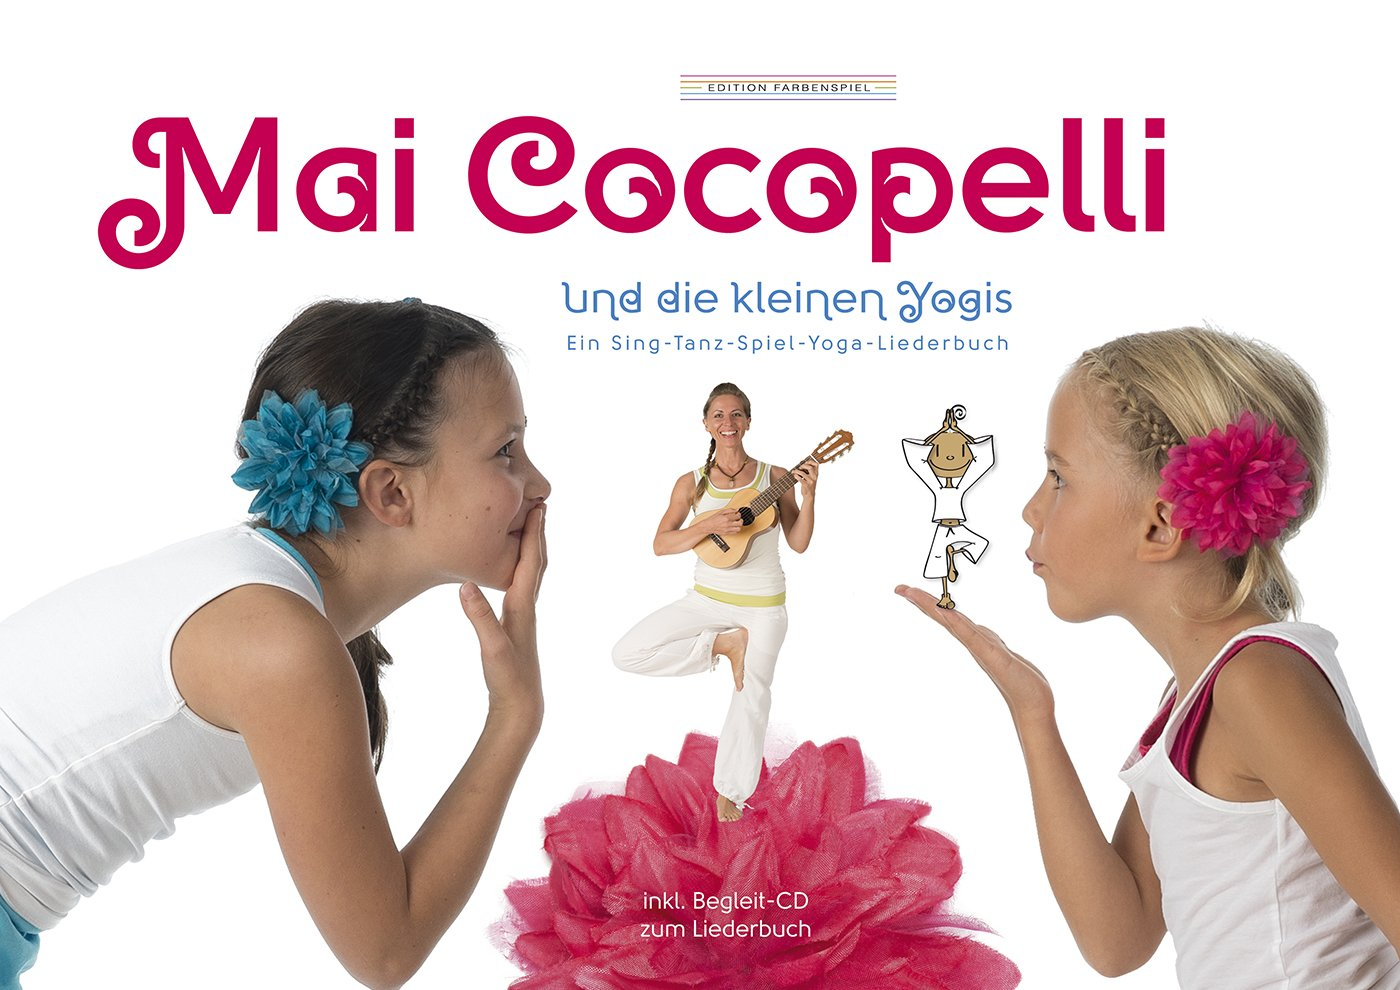 Mai Cocopelli und die kleinen Yogis: Ein Sing-Tanz-Spiel-Yoga-Liederbuch